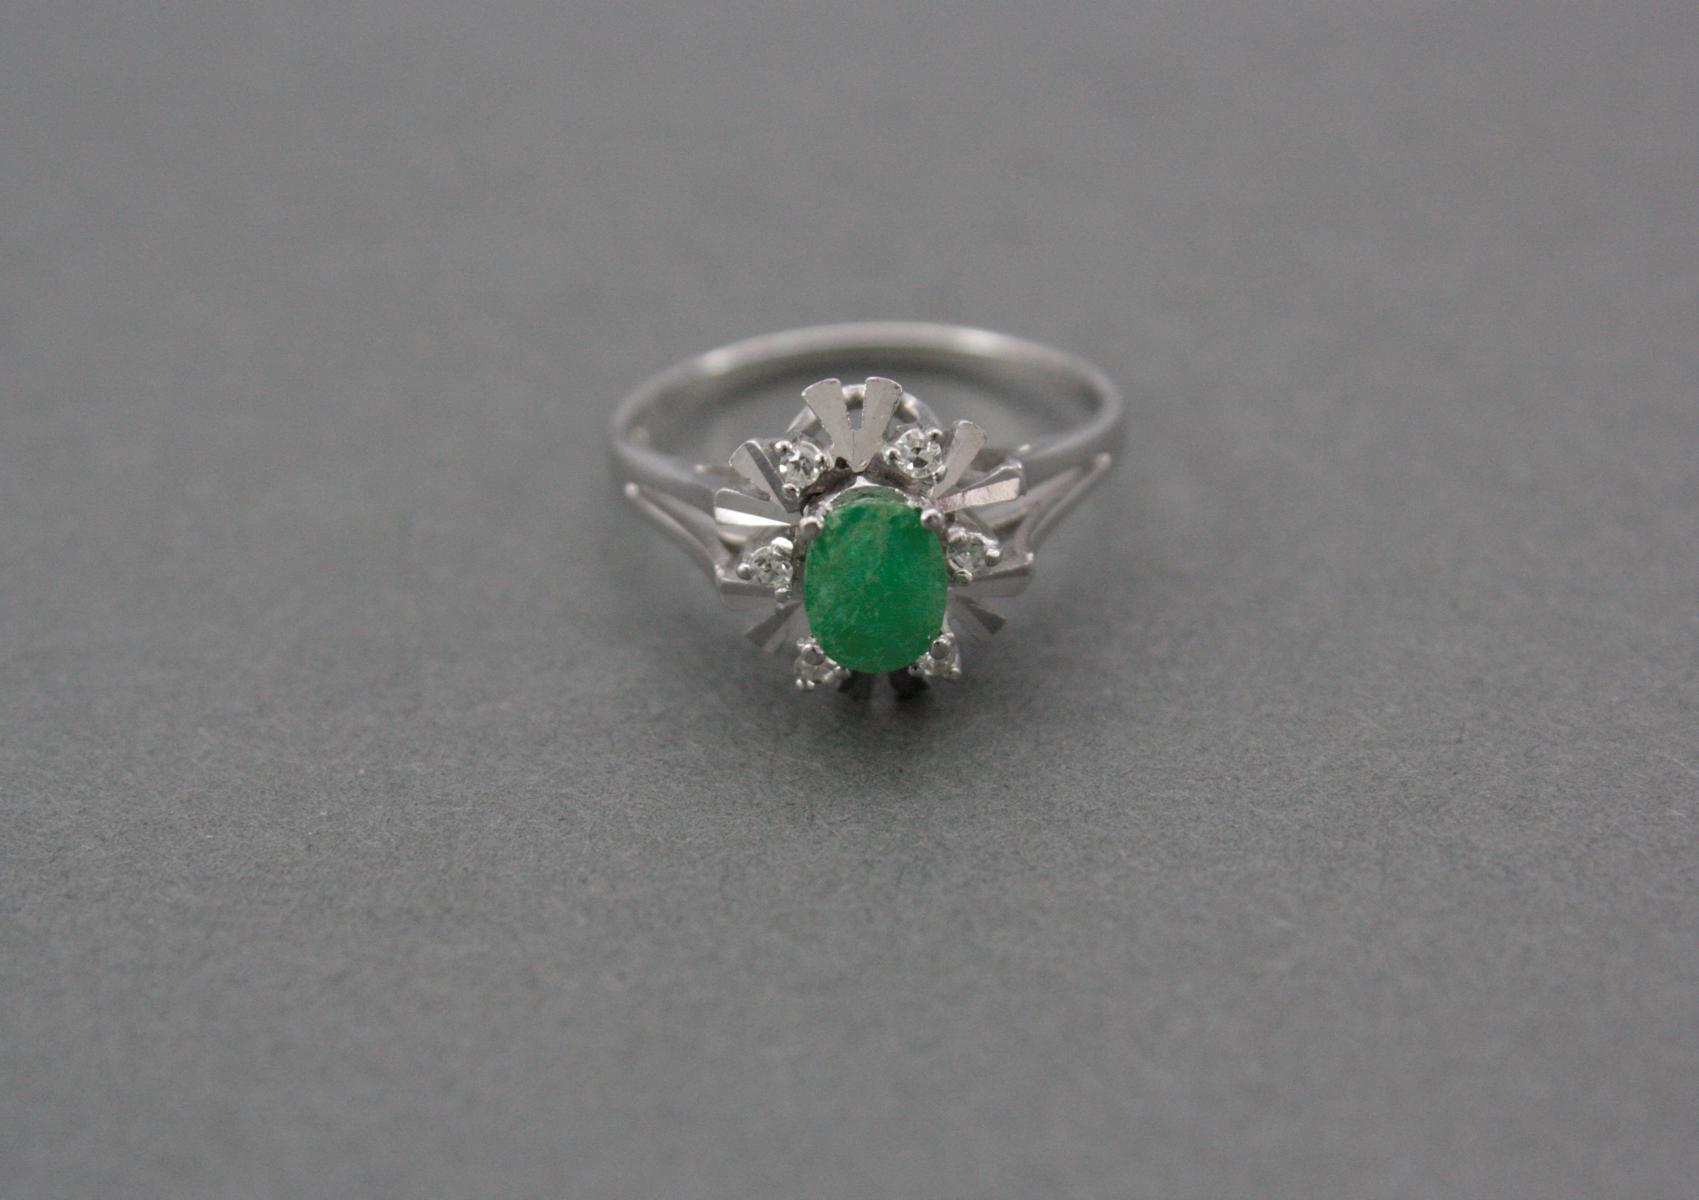 Damenring mit Smaragd und Diamanten, 14 Karat Weißgold